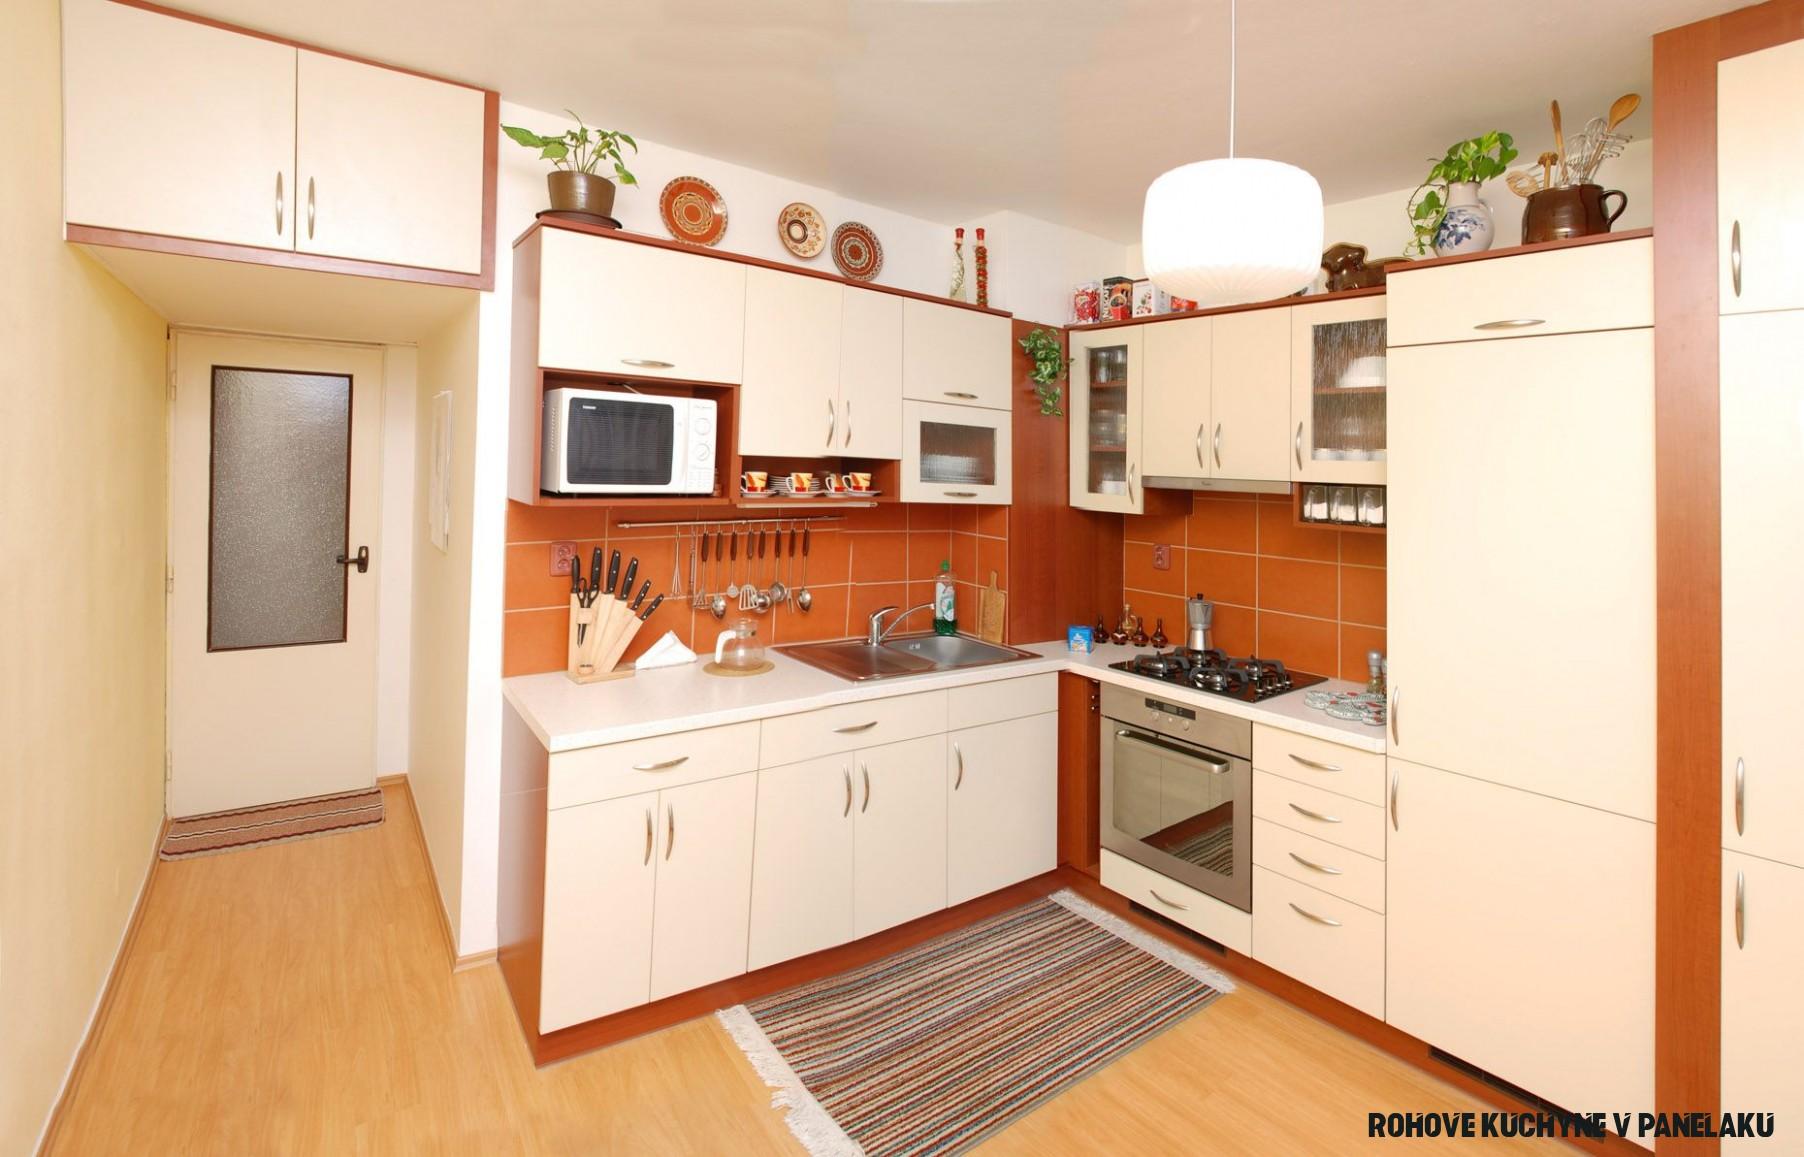 Stylová kuchyně do čtvercové místnosti v panelovém bytě. Rohová